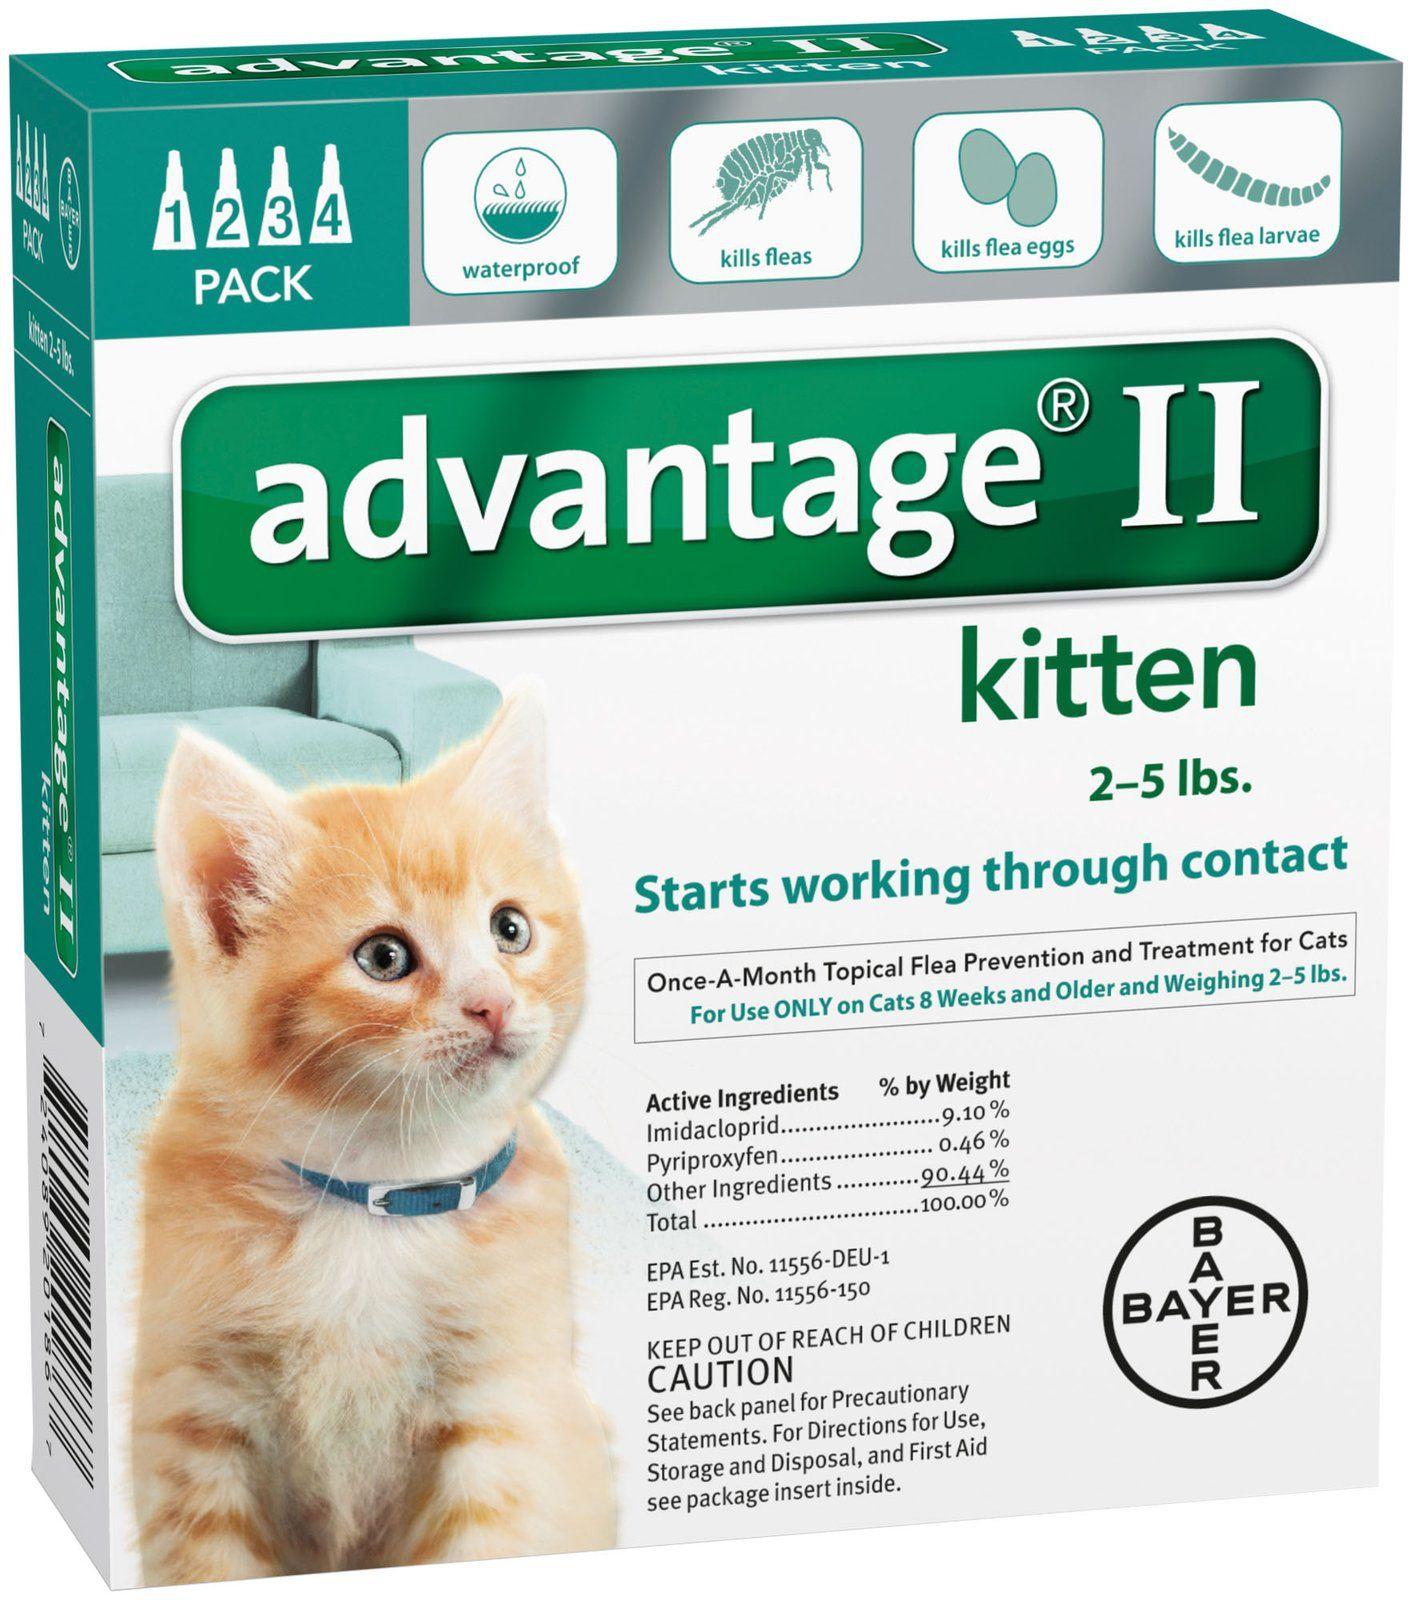 Advantage Ii Kitten Free Shipping Cat Fleas Flea Treatment For Kittens Flea Medication For Dogs